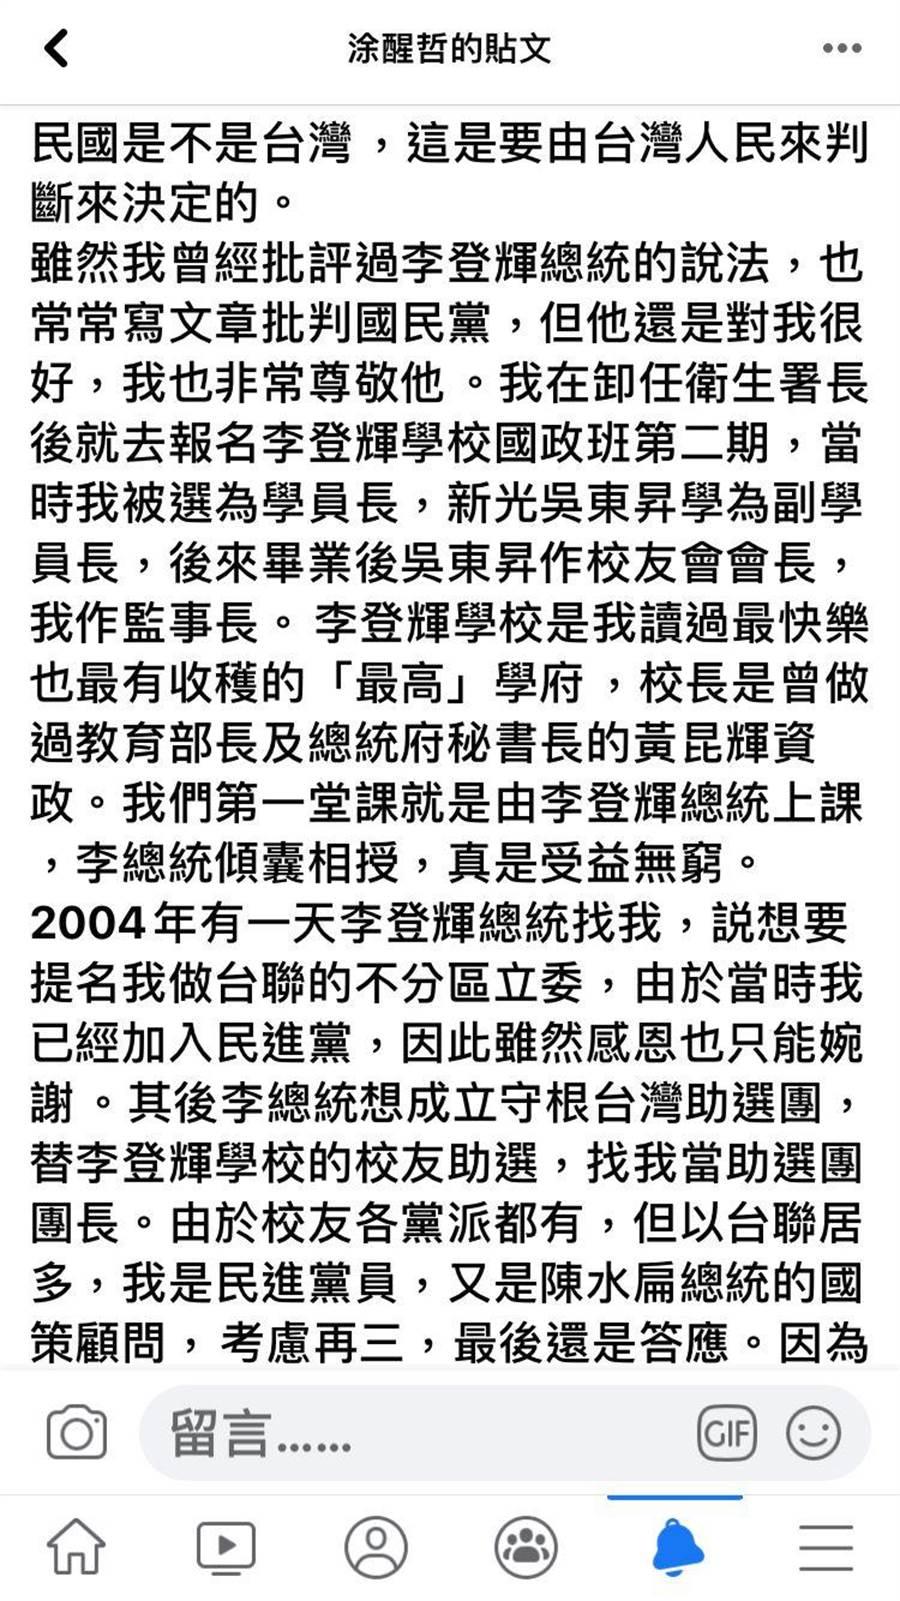 前嘉義市長涂醒哲臉書發文追憶與李登輝前總統的政治因緣。( 截圖自涂醒哲臉書)